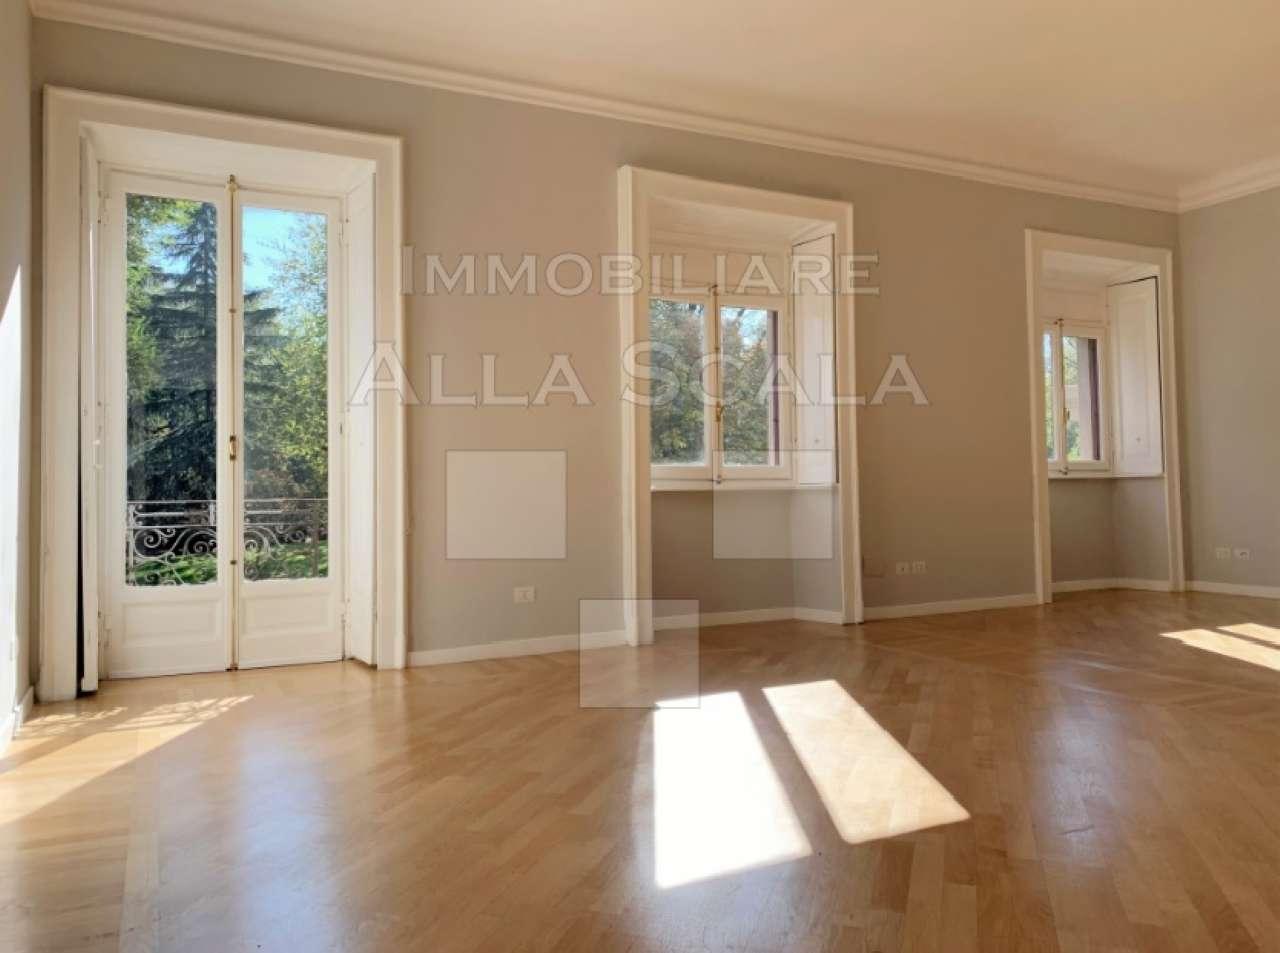 Appartamento in Affitto a Milano 01 Centro storico (Cerchia dei Navigli): 3 locali, 150 mq